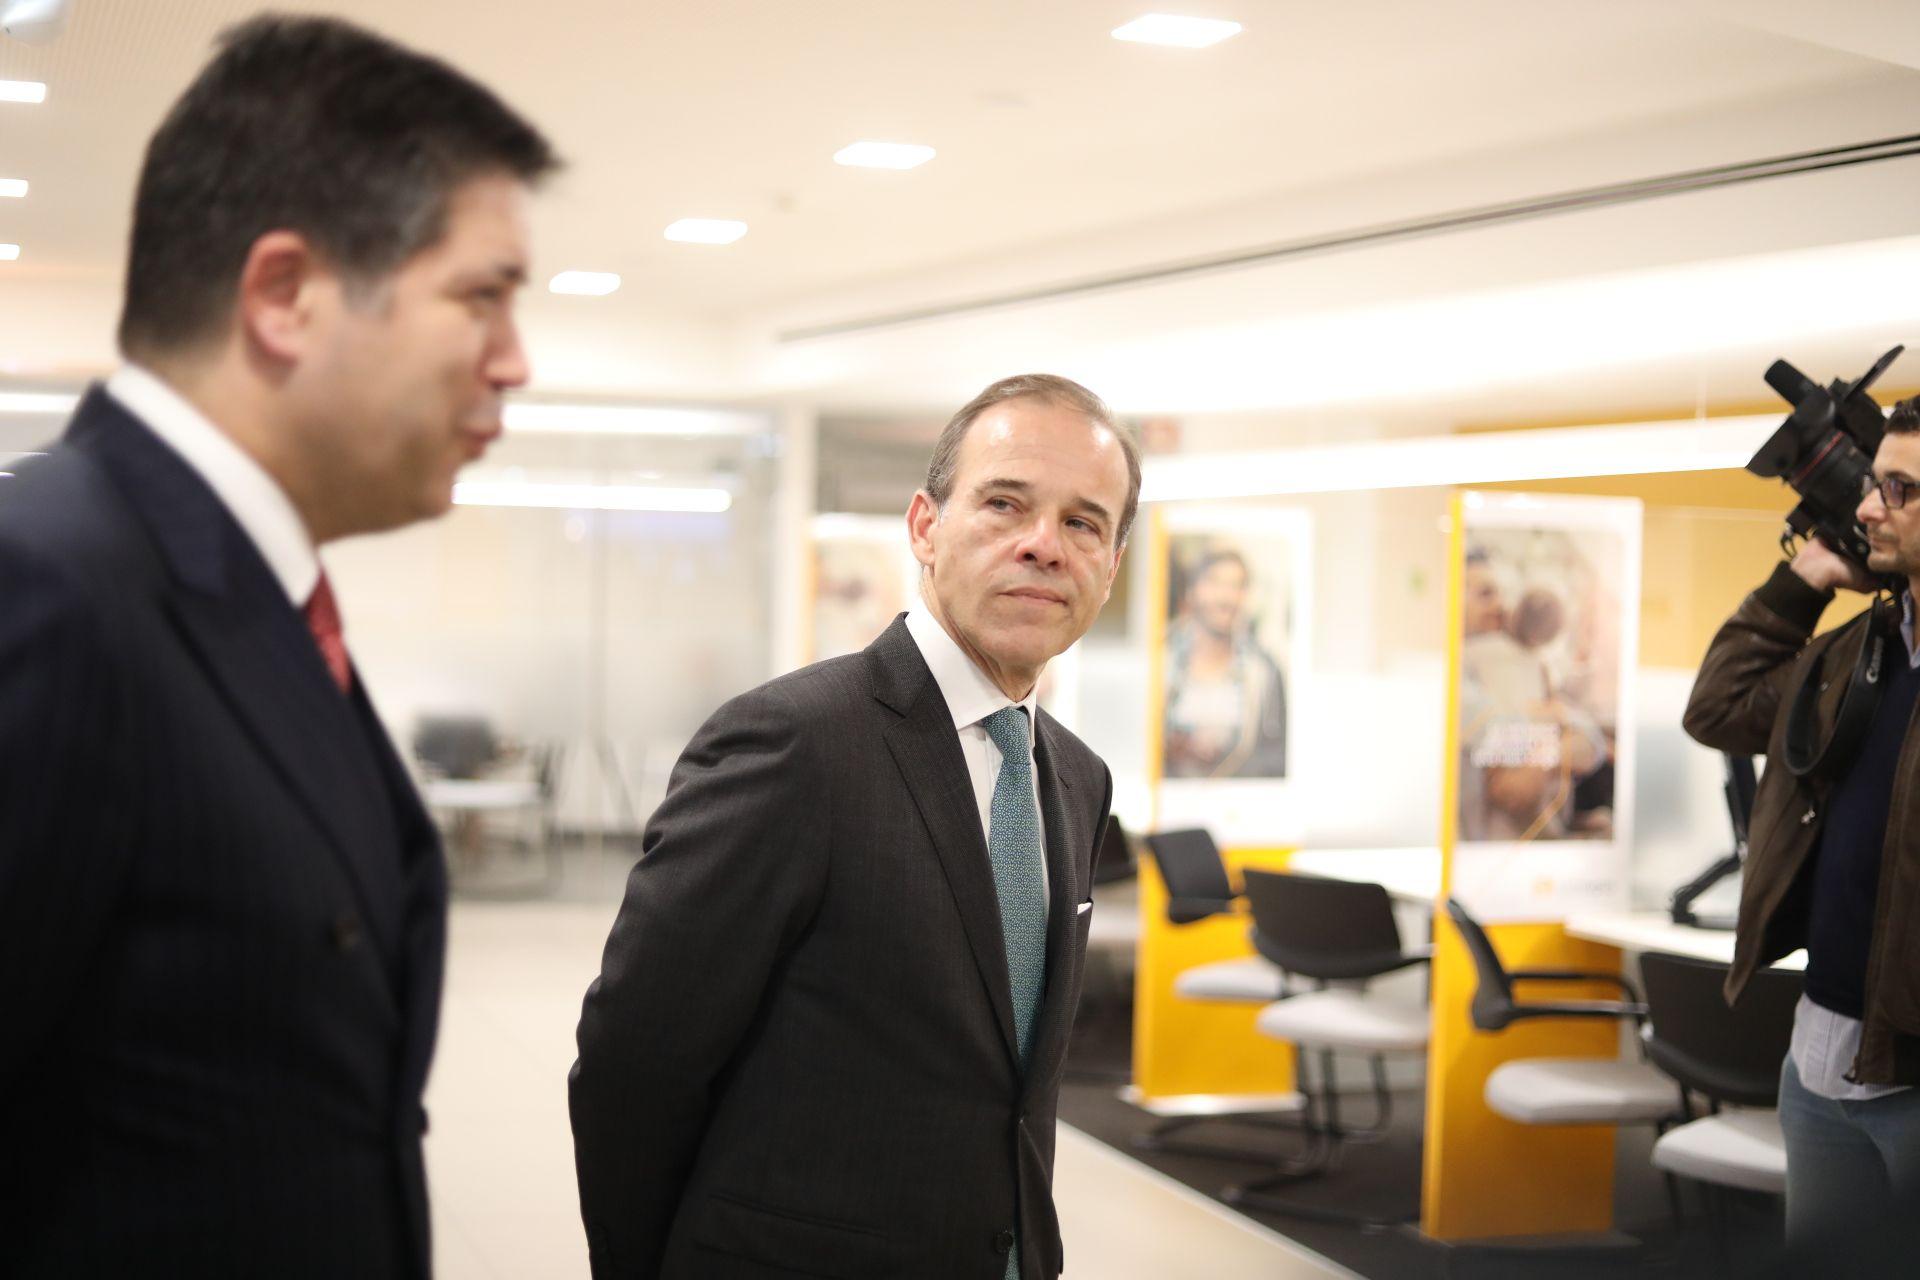 Um é conotado com a Opus Dei, outro com a maçonaria. Félix Morgado e Tomás Correia têm uma relação difícil. E nos últimos meses a desconfiança mútua tem-se agravado.